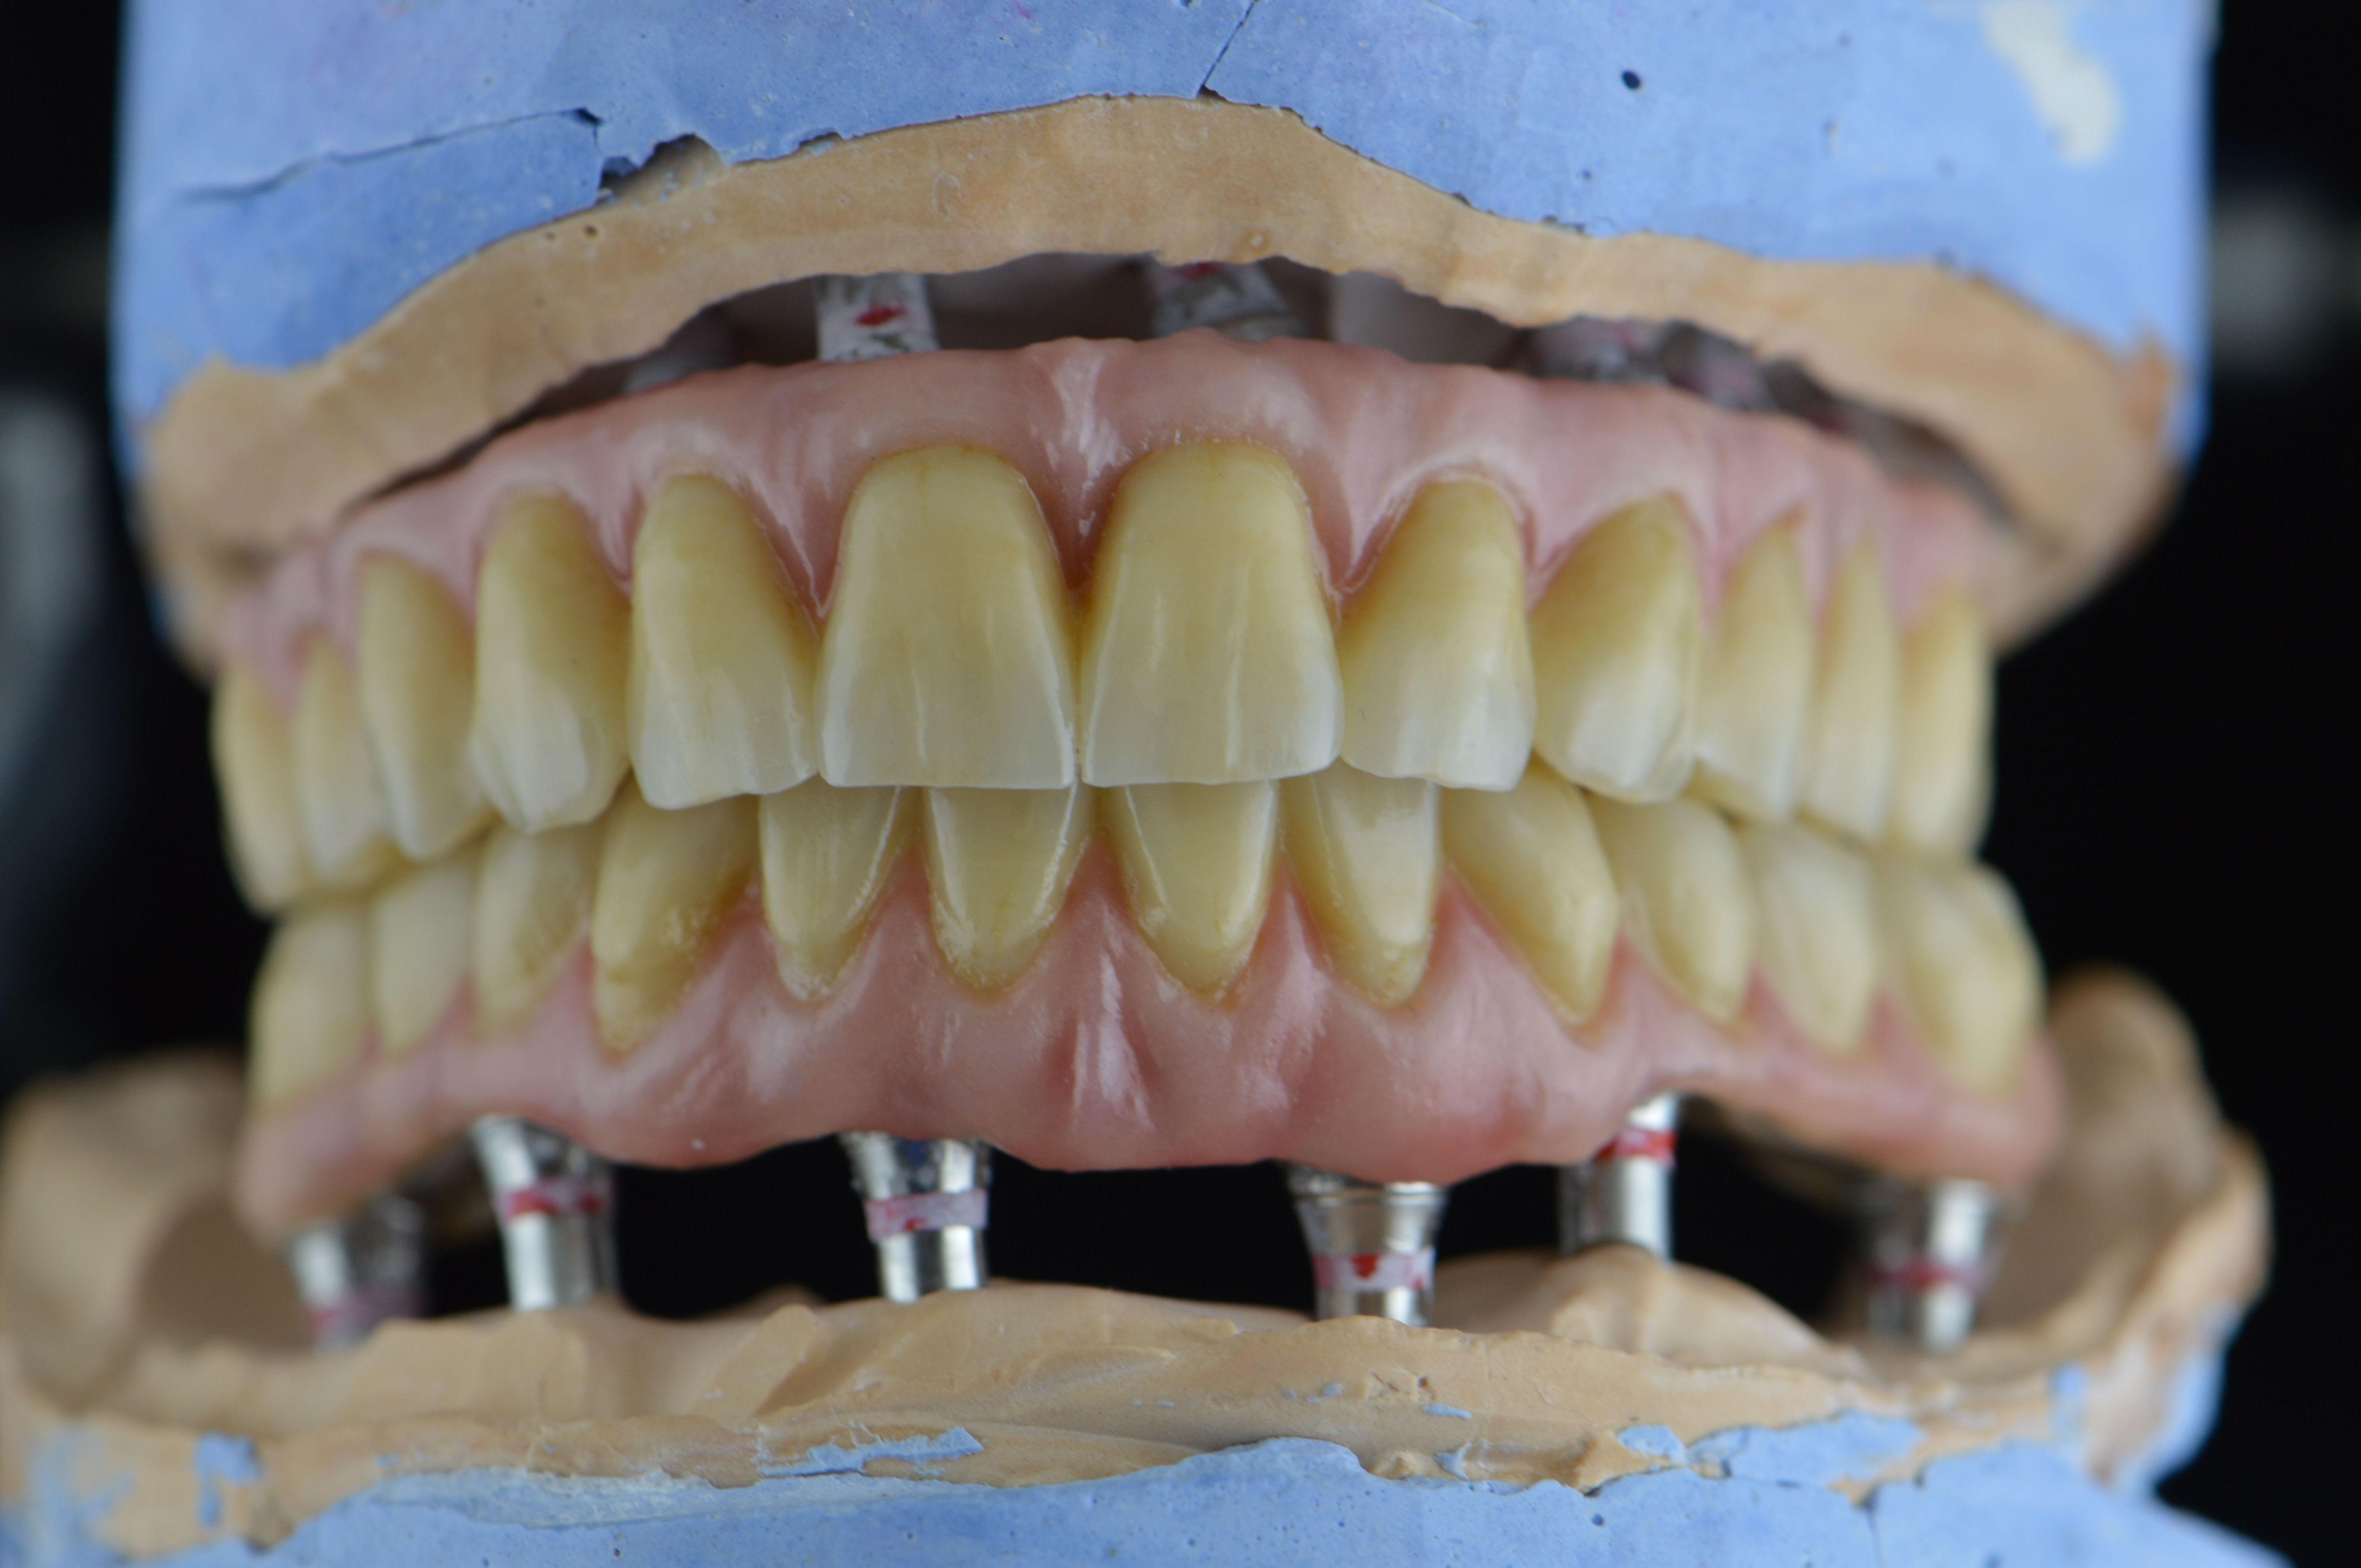 Foto 1 de Protésicos dentales en Santiago de Compostela | Tecnolab Dental Galicia